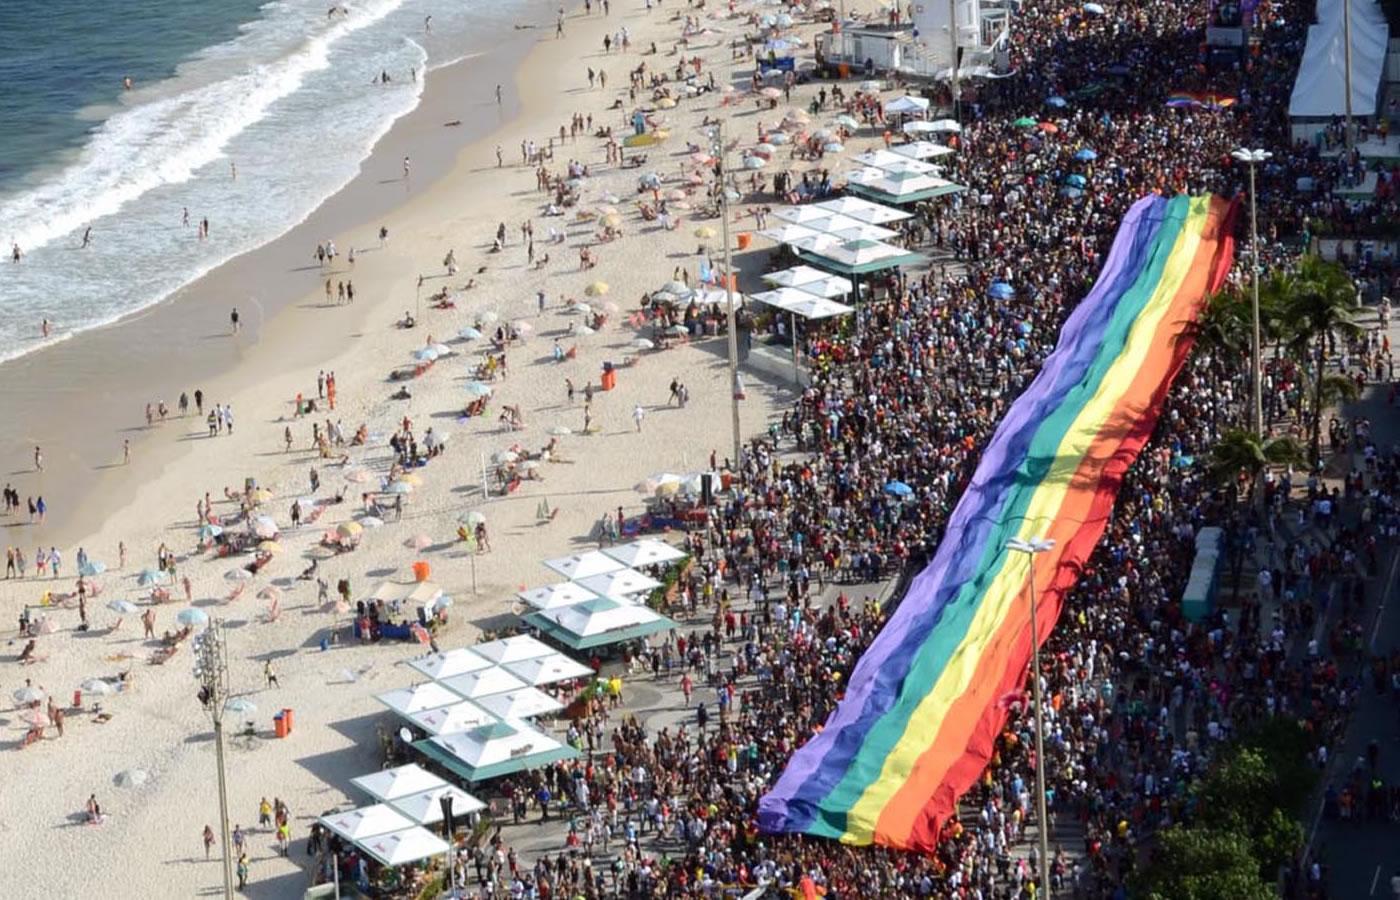 Sem Parada LGBT do Rio esse ano, evento deve volta em 2018 com nova reformulação